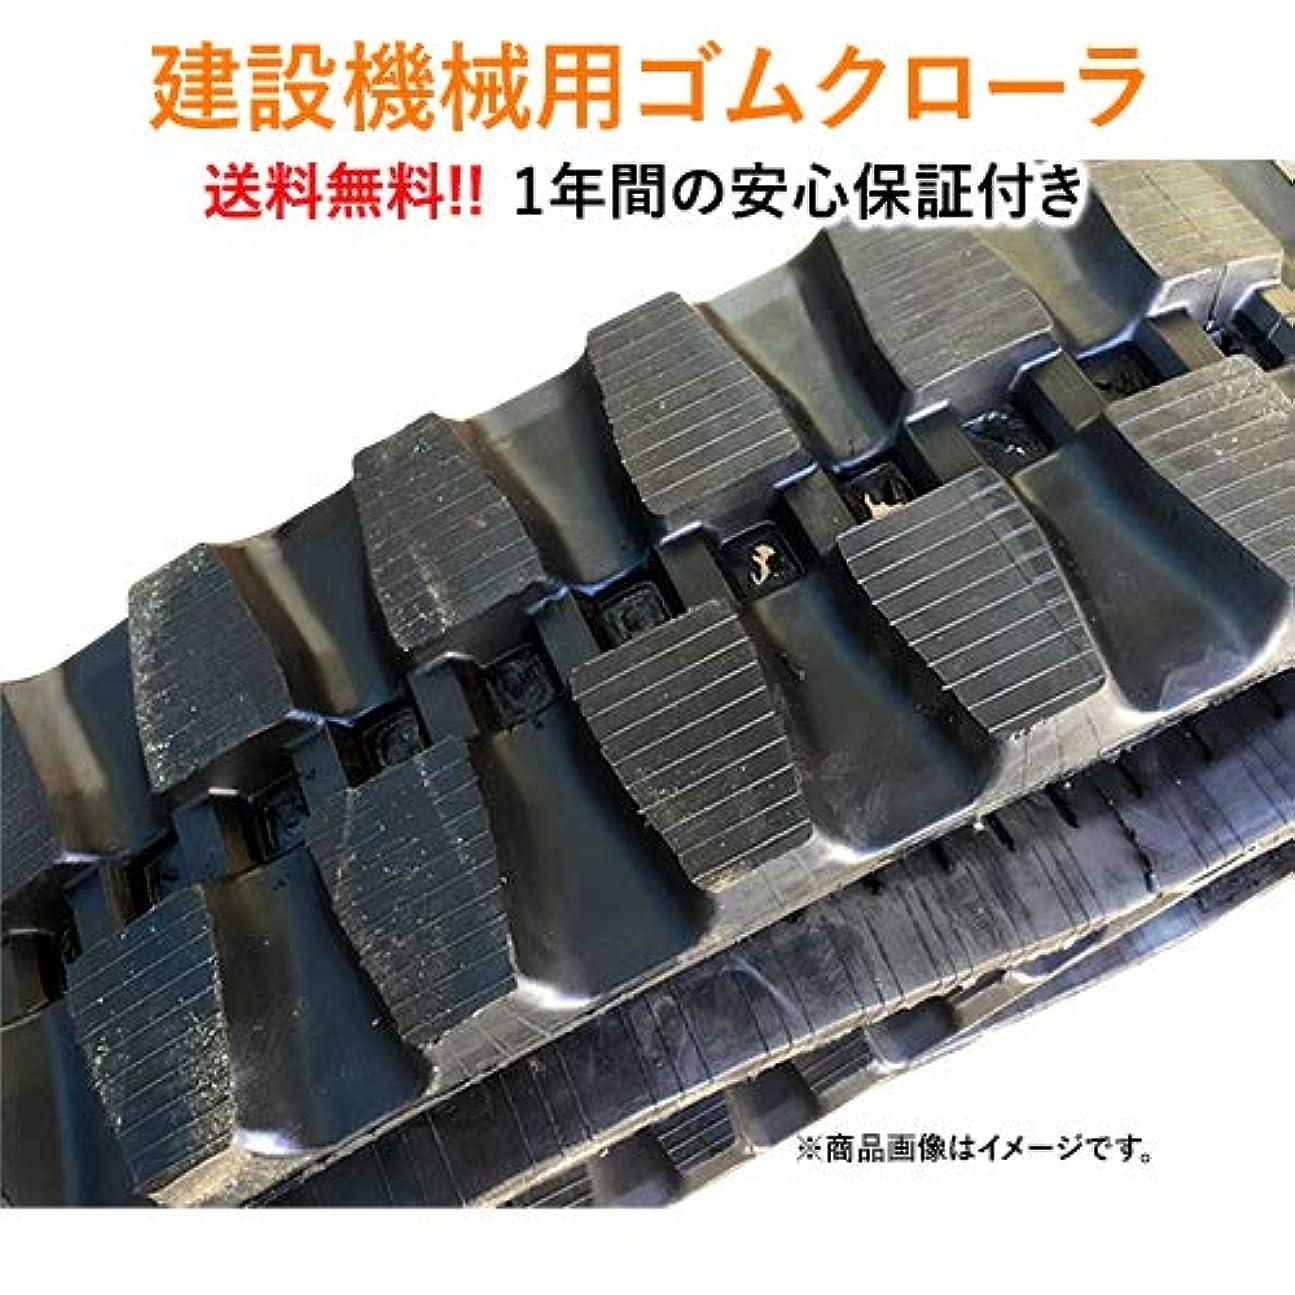 小麦会議マント東日興産 コベルコゴムクローラ SK20UR-2 250x52.5x72 建設機械用 1本